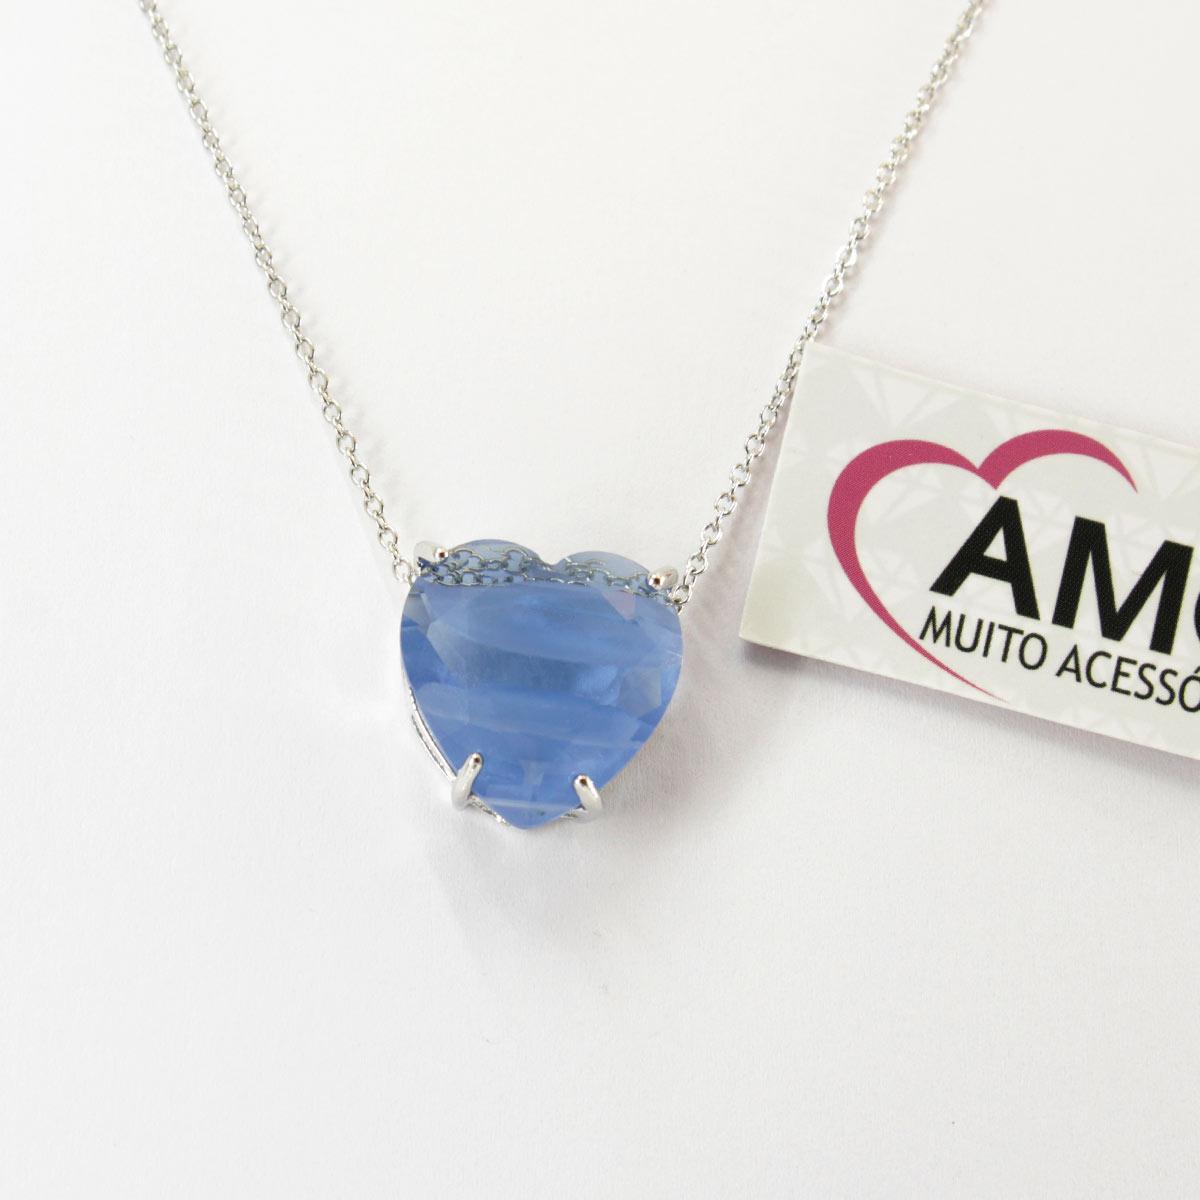 Colar de coração com pedra fusion azul claro - Corrente Prata